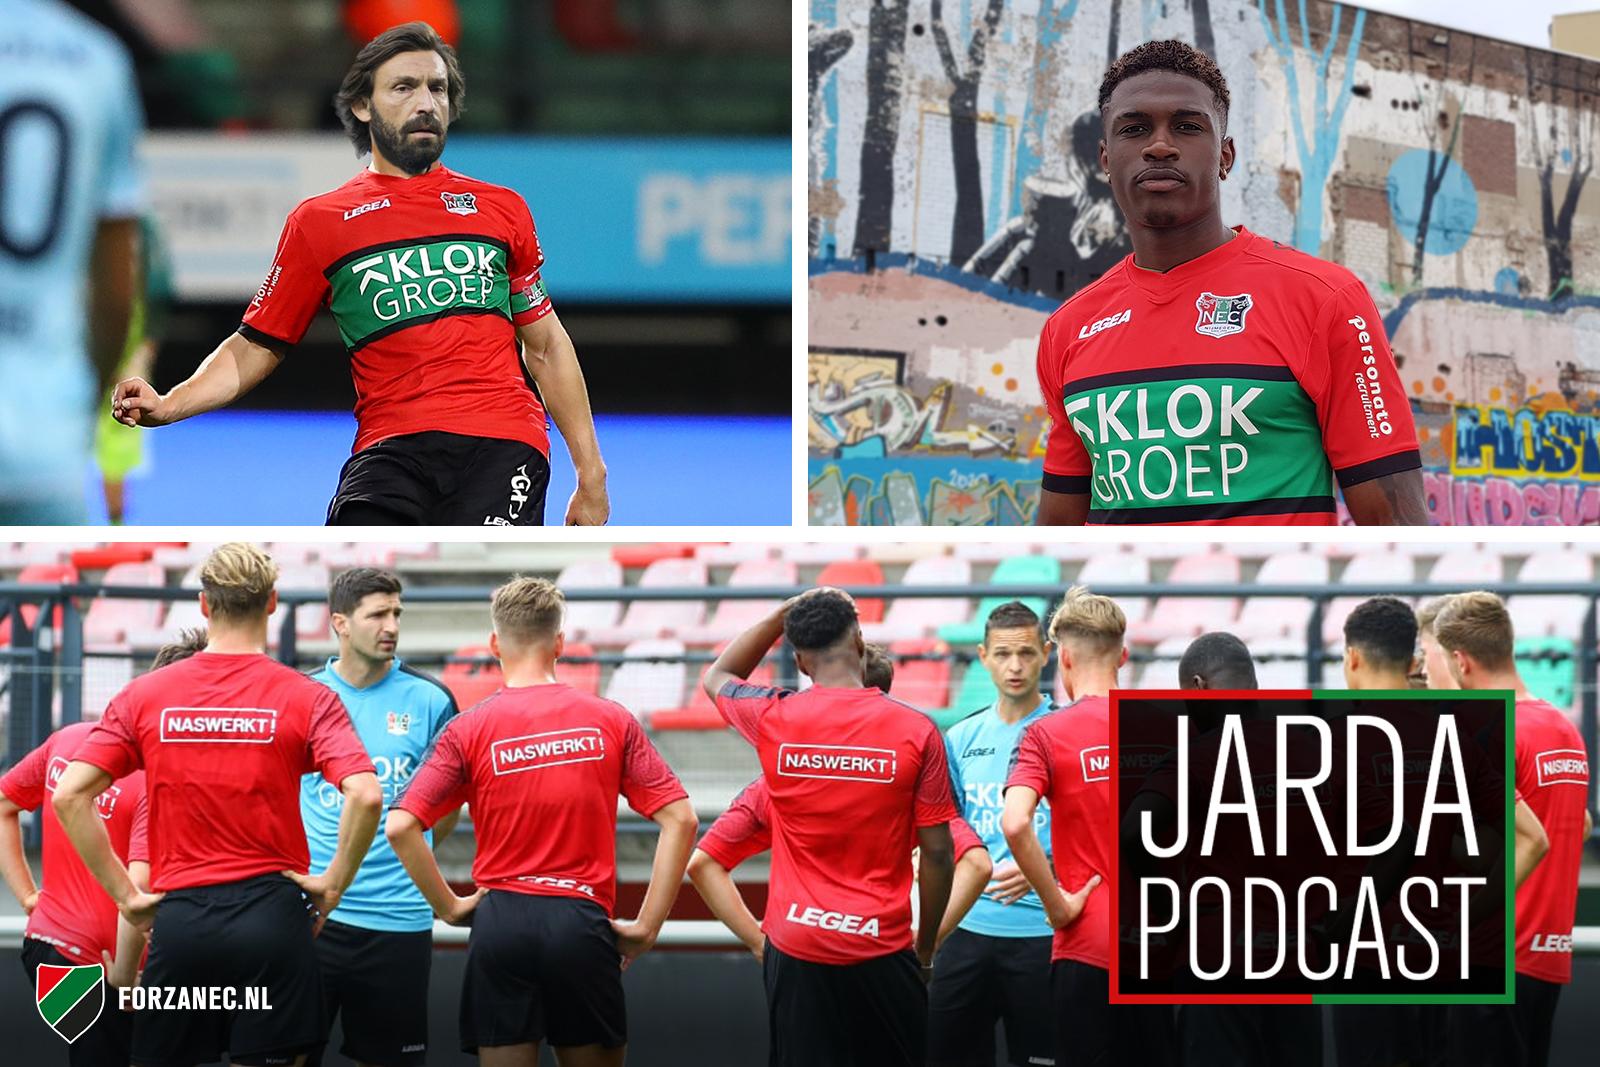 Jarda Podcast #46: Alles over de eerste training en Pirlo naar NEC